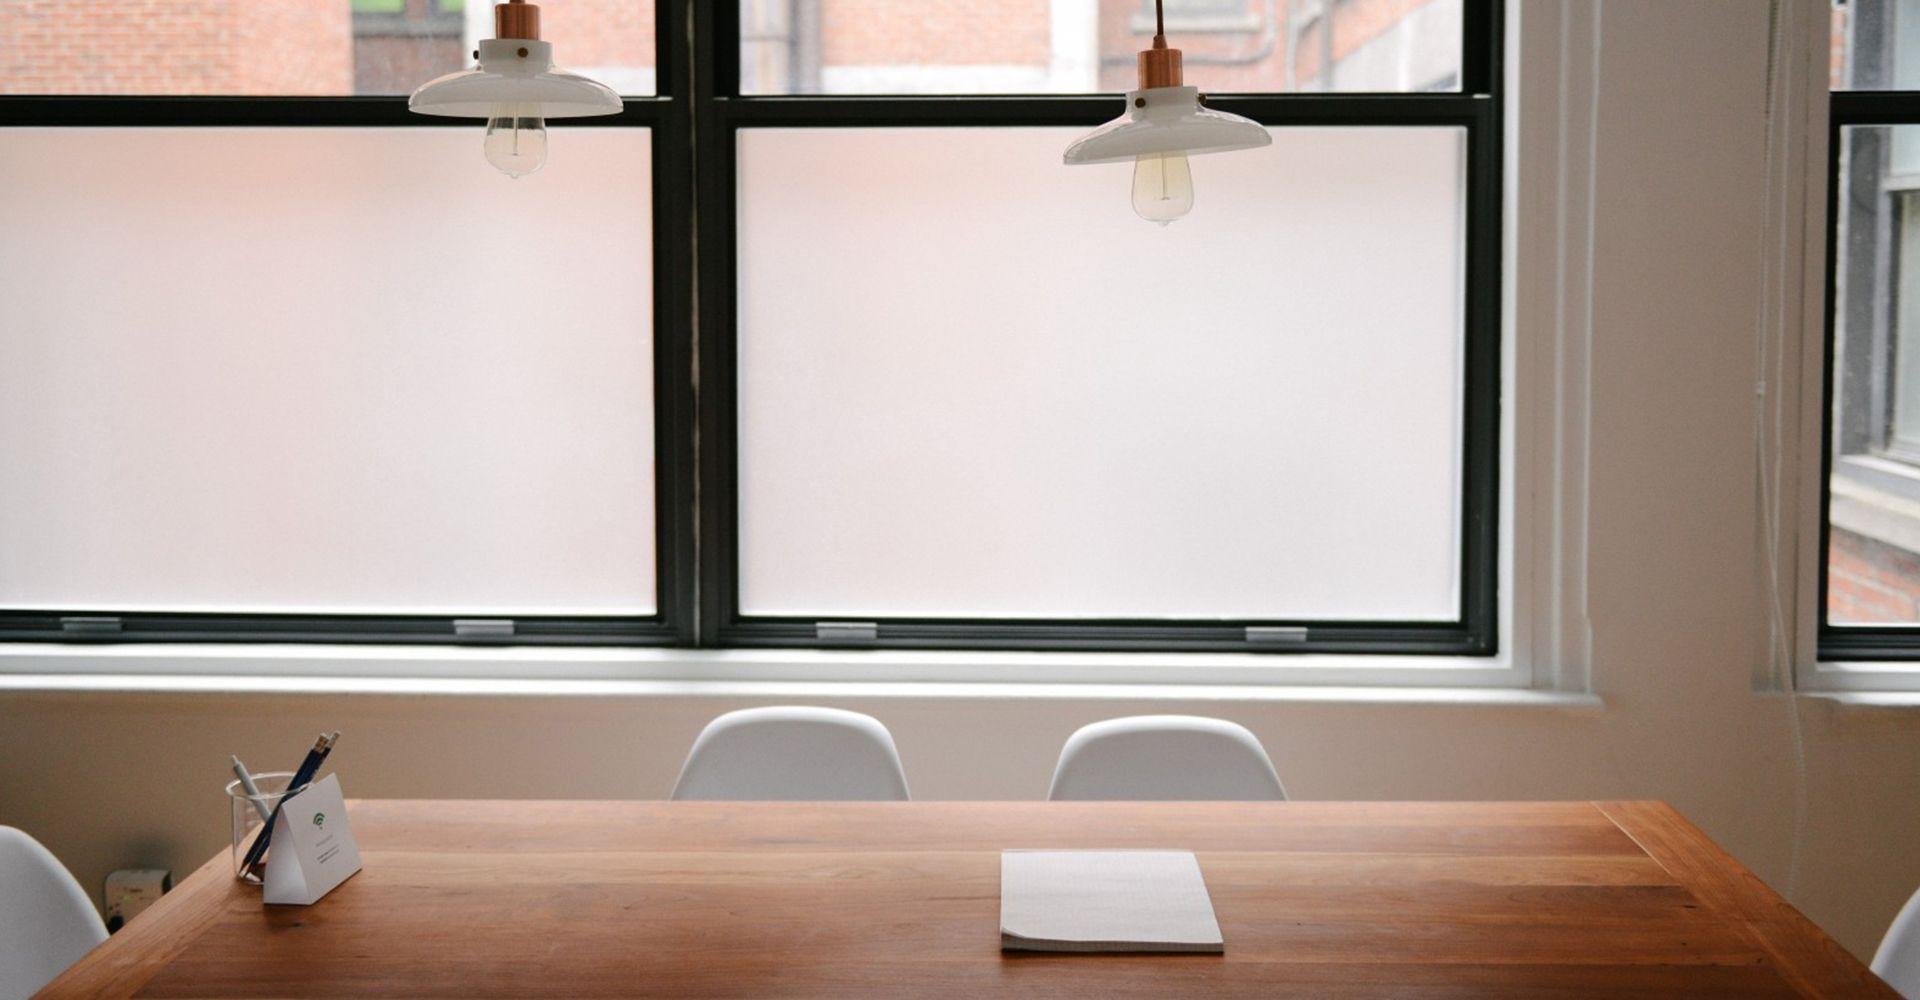 Ufficio Di Design : Cinque prodotti di design per il tuo ufficio #blackfriday durante